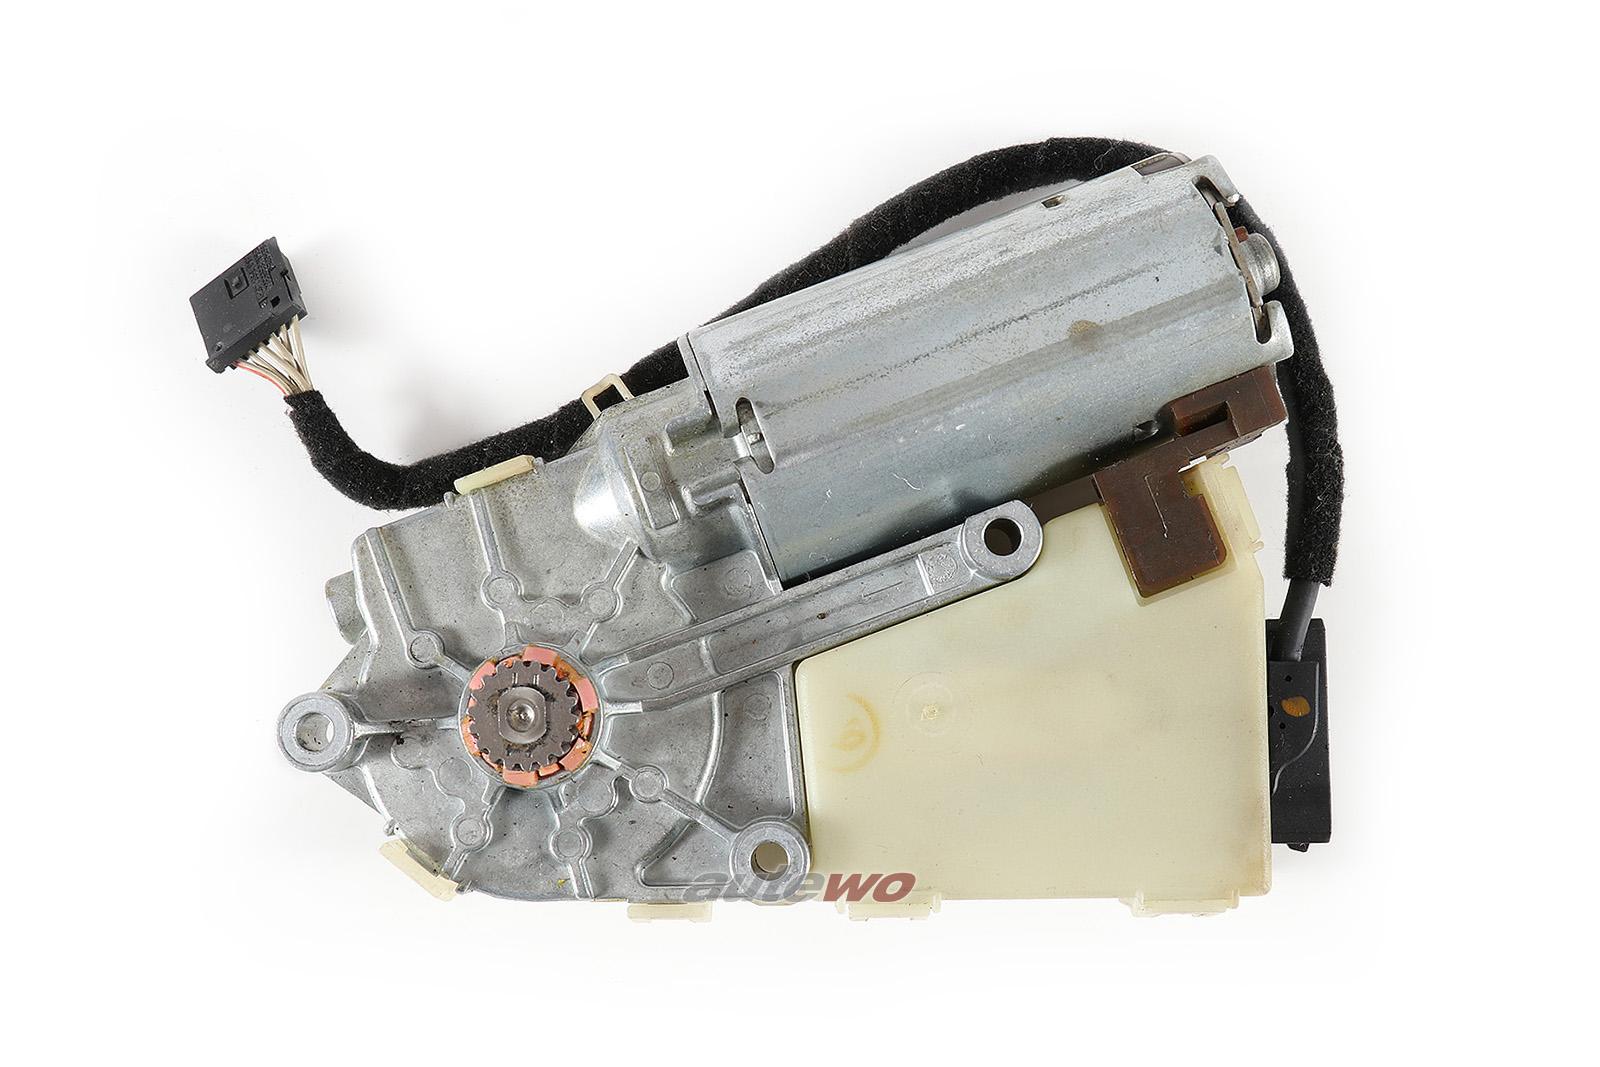 4B0959591A Audi A3/S3 8L/A4/S4/RS4 B5/A6/S6/Allroad 4B Schiebedachmotor Vorwahl